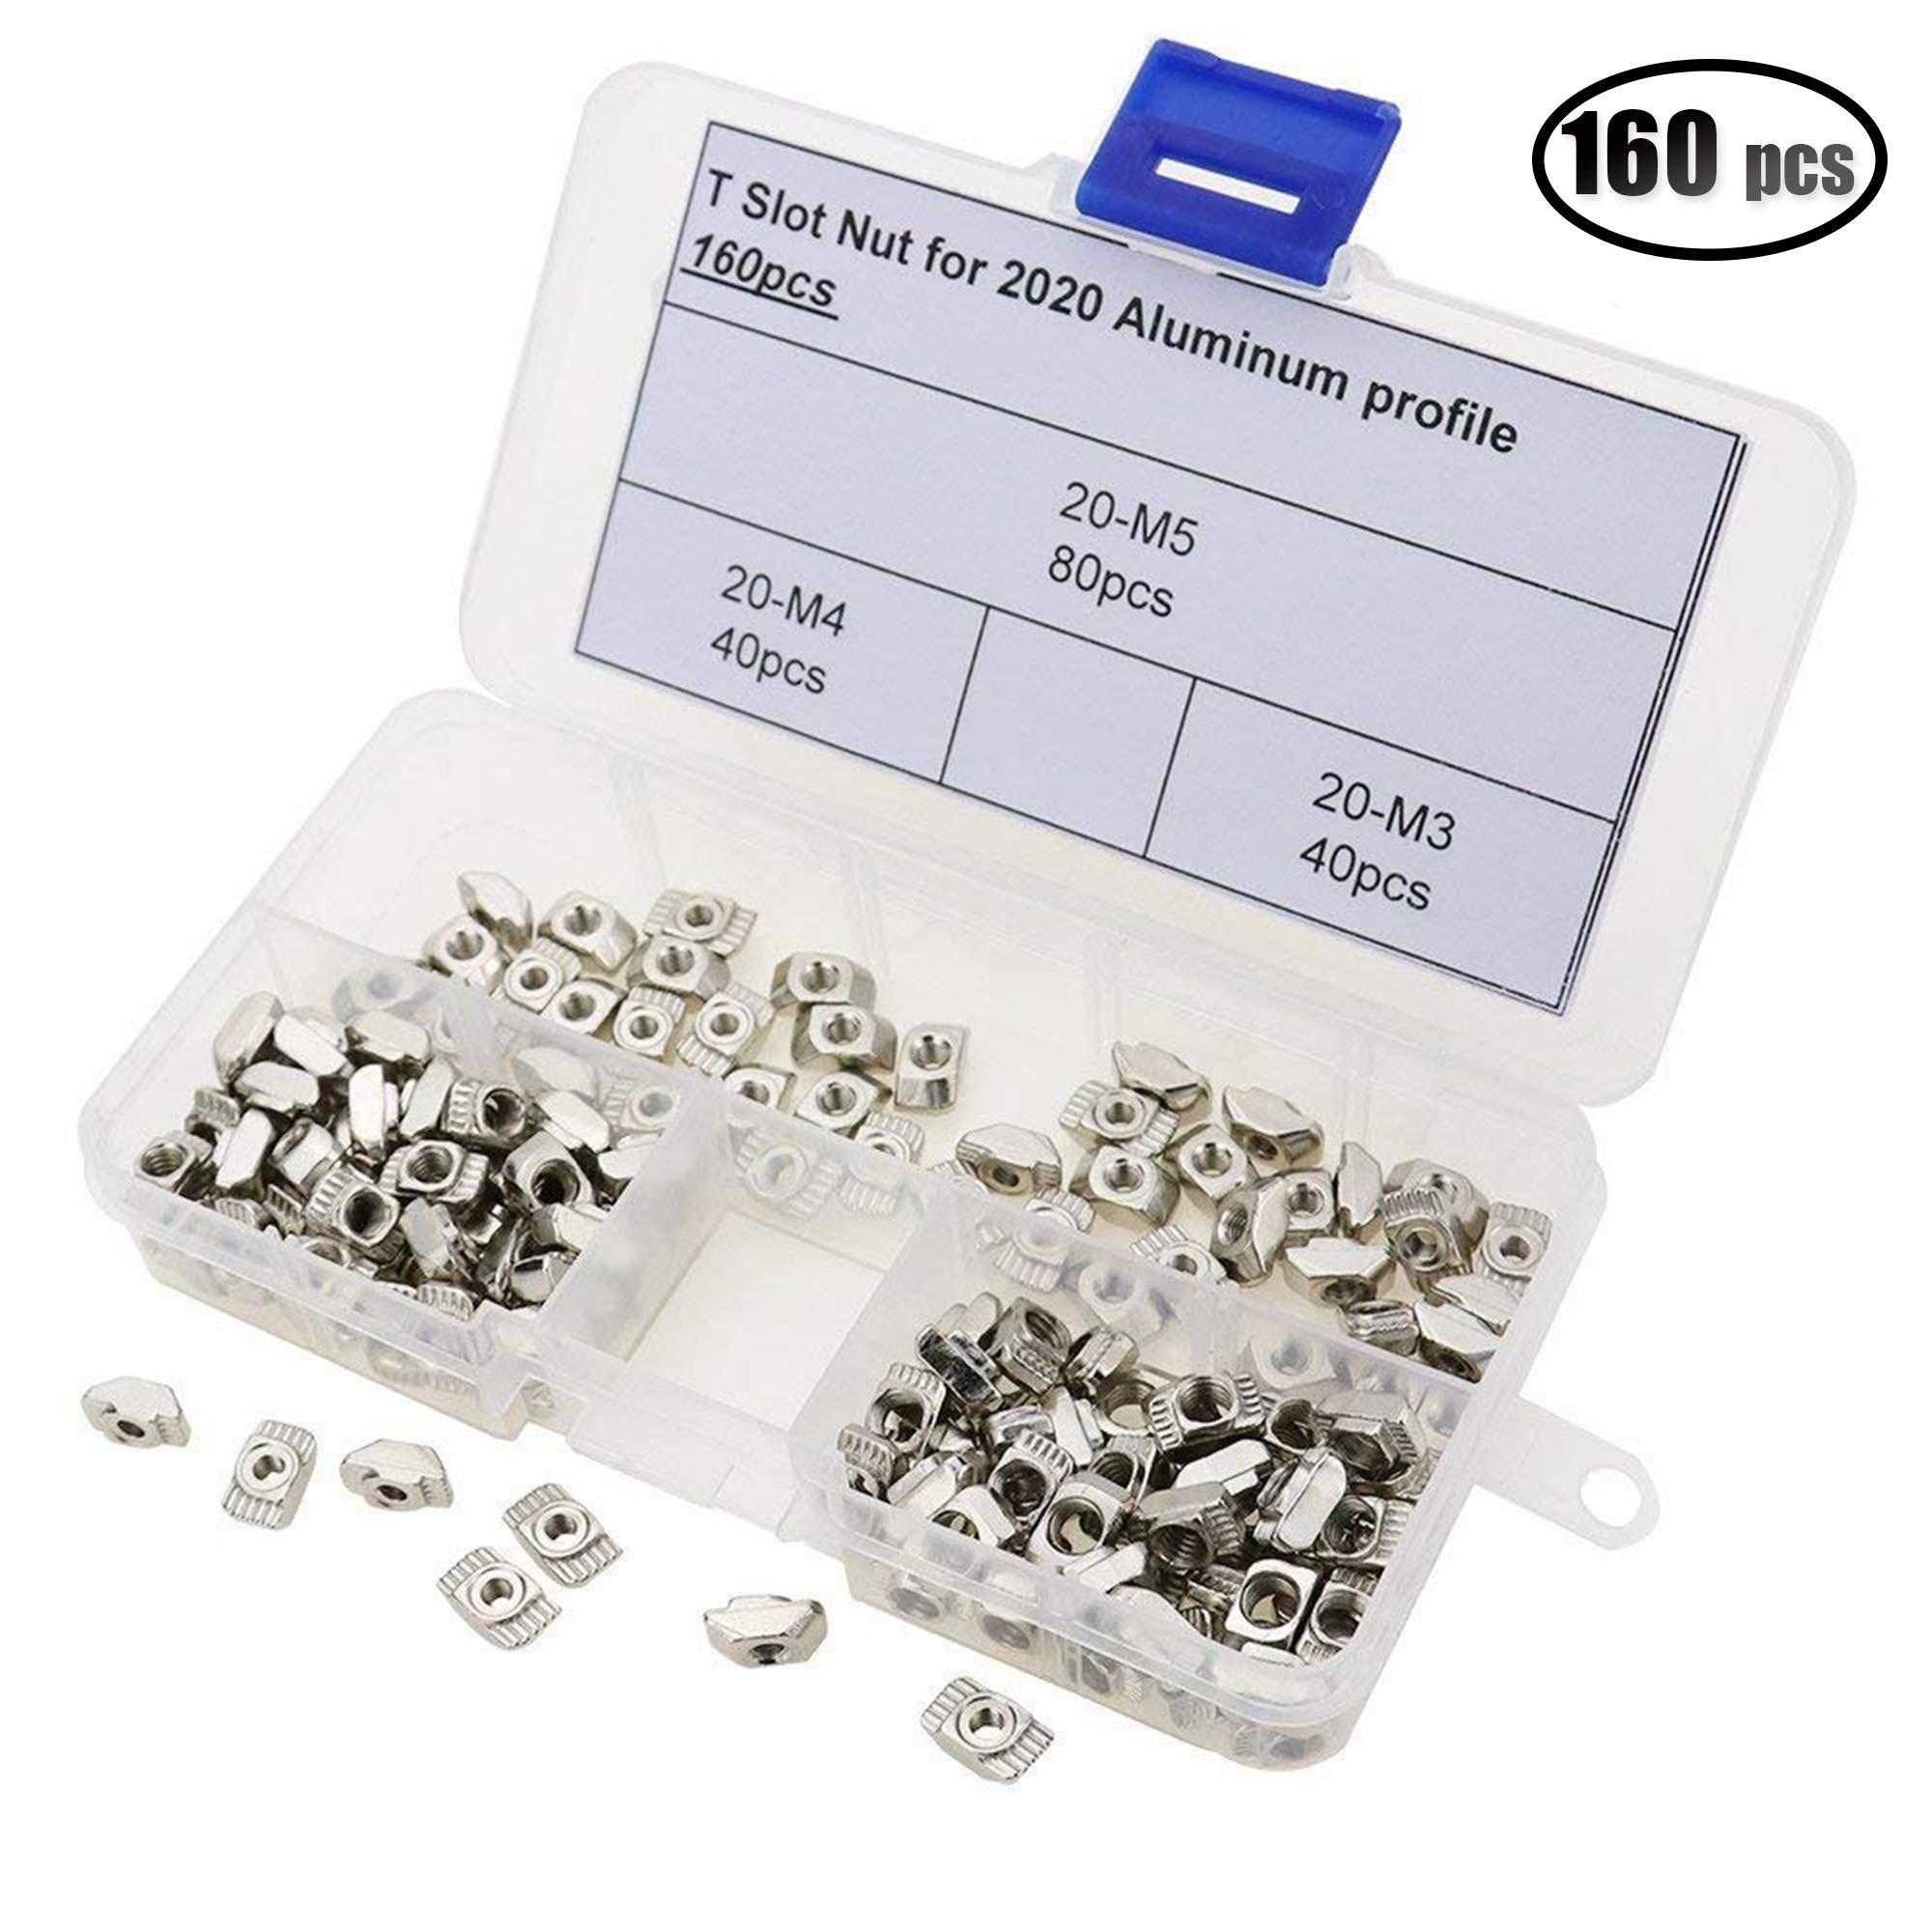 IZTOSS 160PCS M3,M4,M5 Post Assembly T Nut for 2020 Aluminum Profile Assortment kit